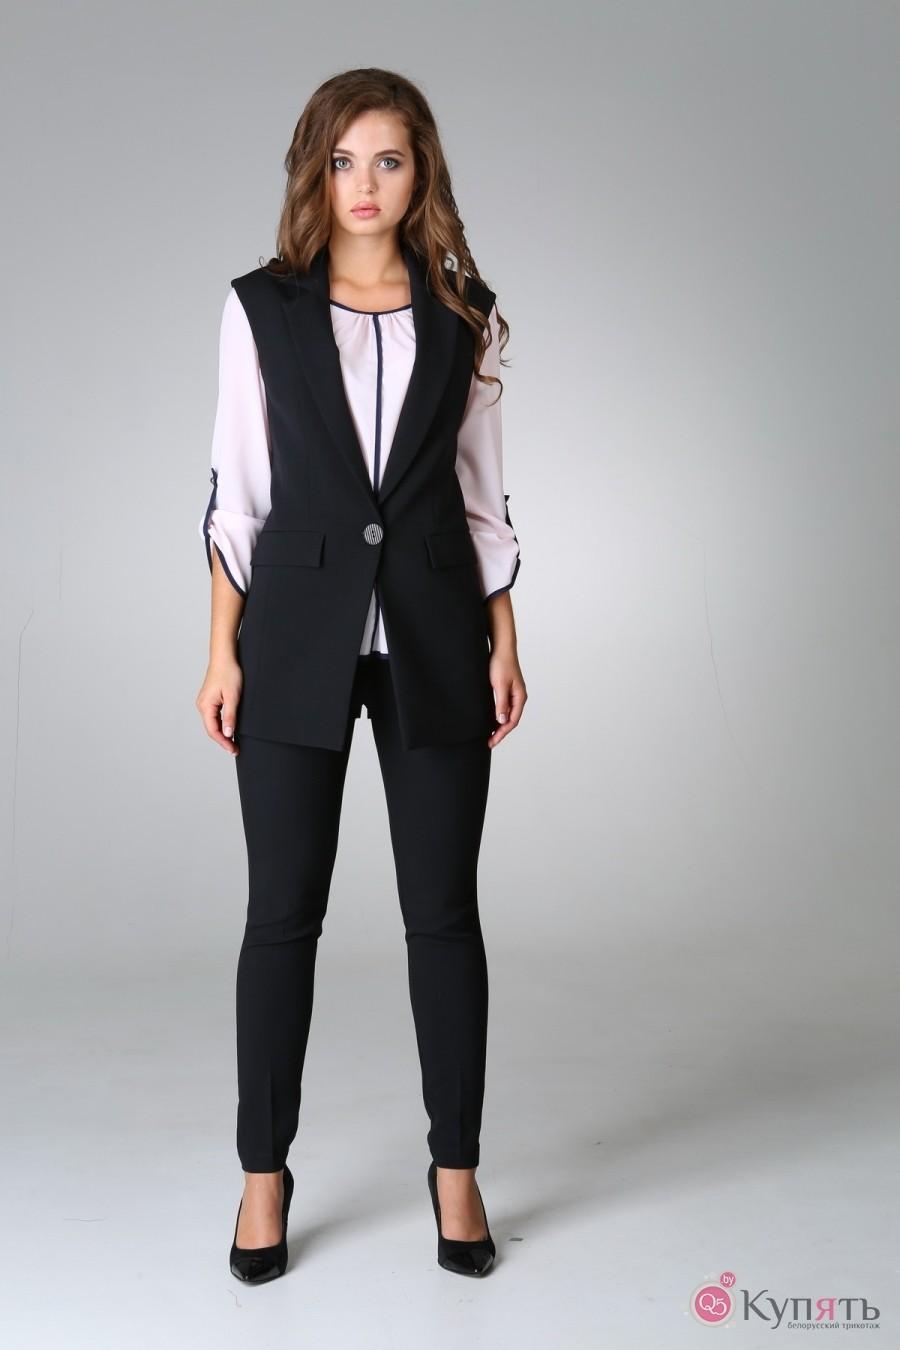 Svetozara - женская одежда оптом из Новосибирска